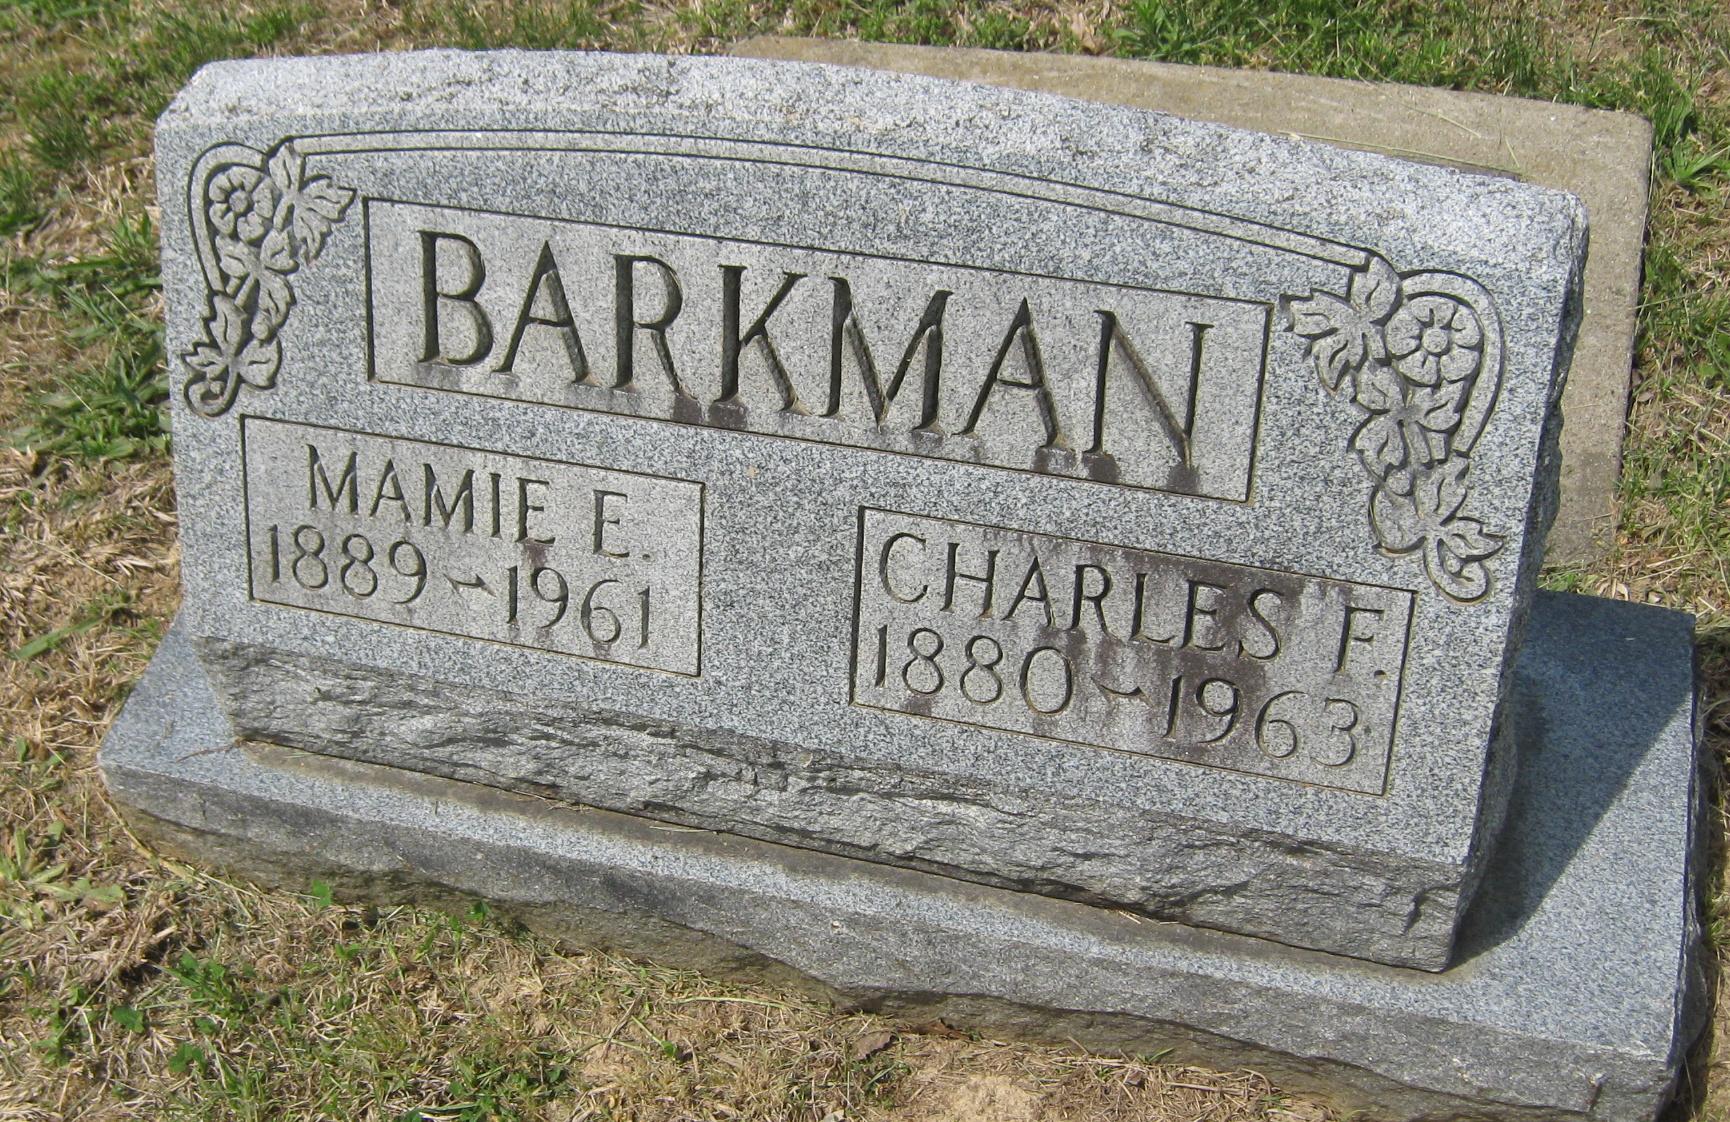 Mamie E. Barkman